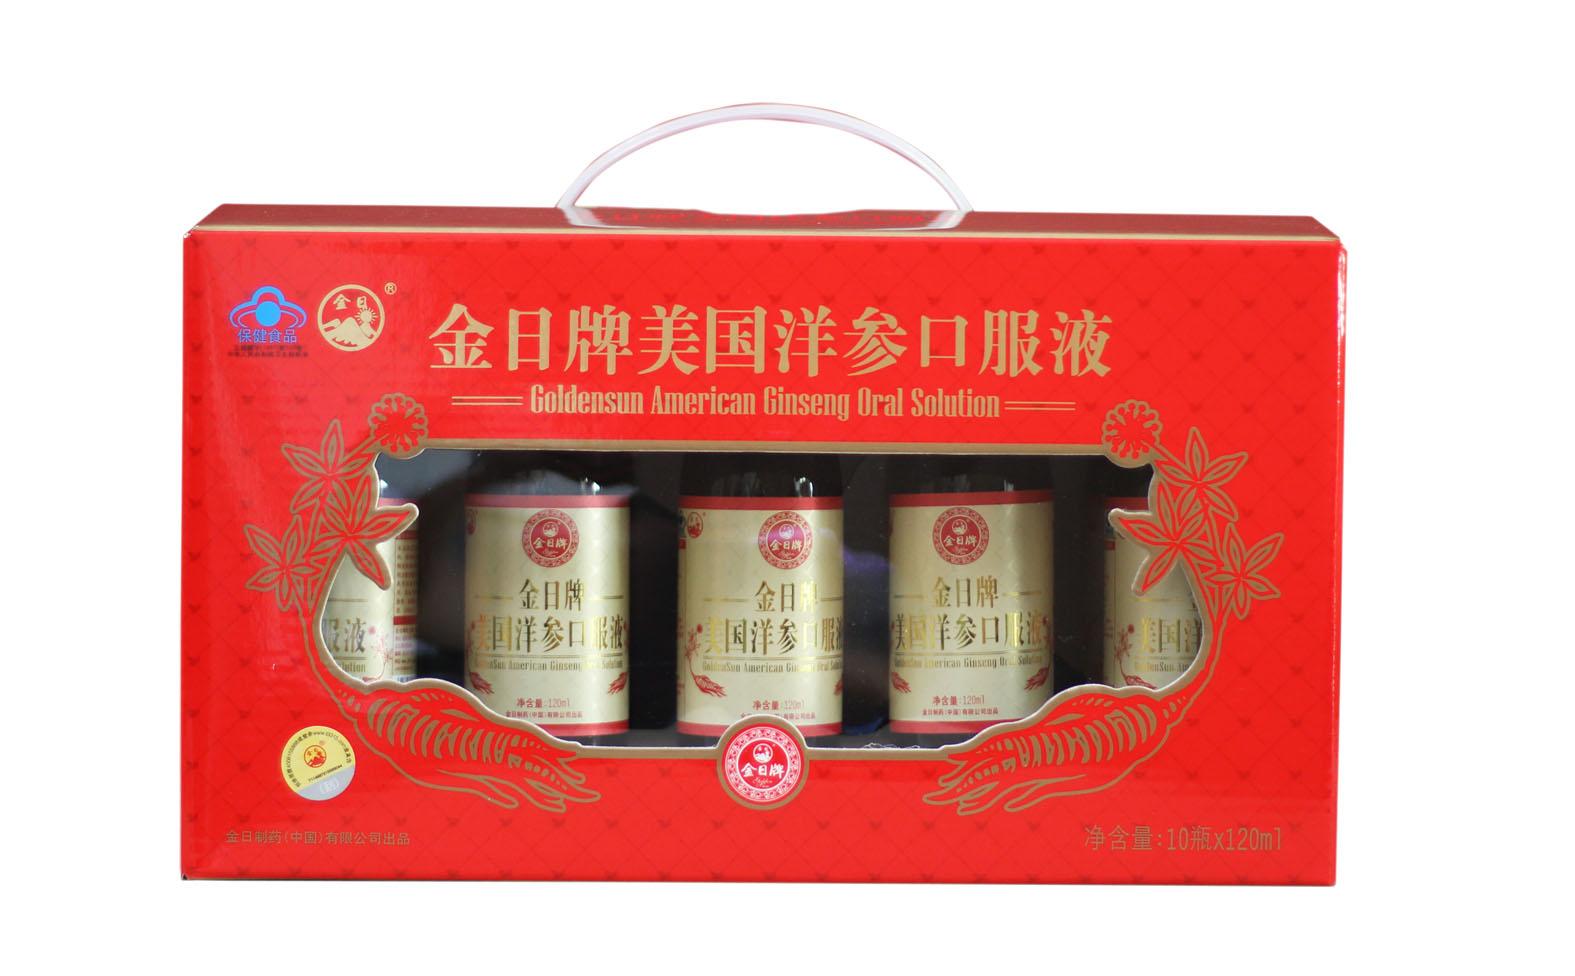 金日牌美國洋參口服液(120ml)×10瓶